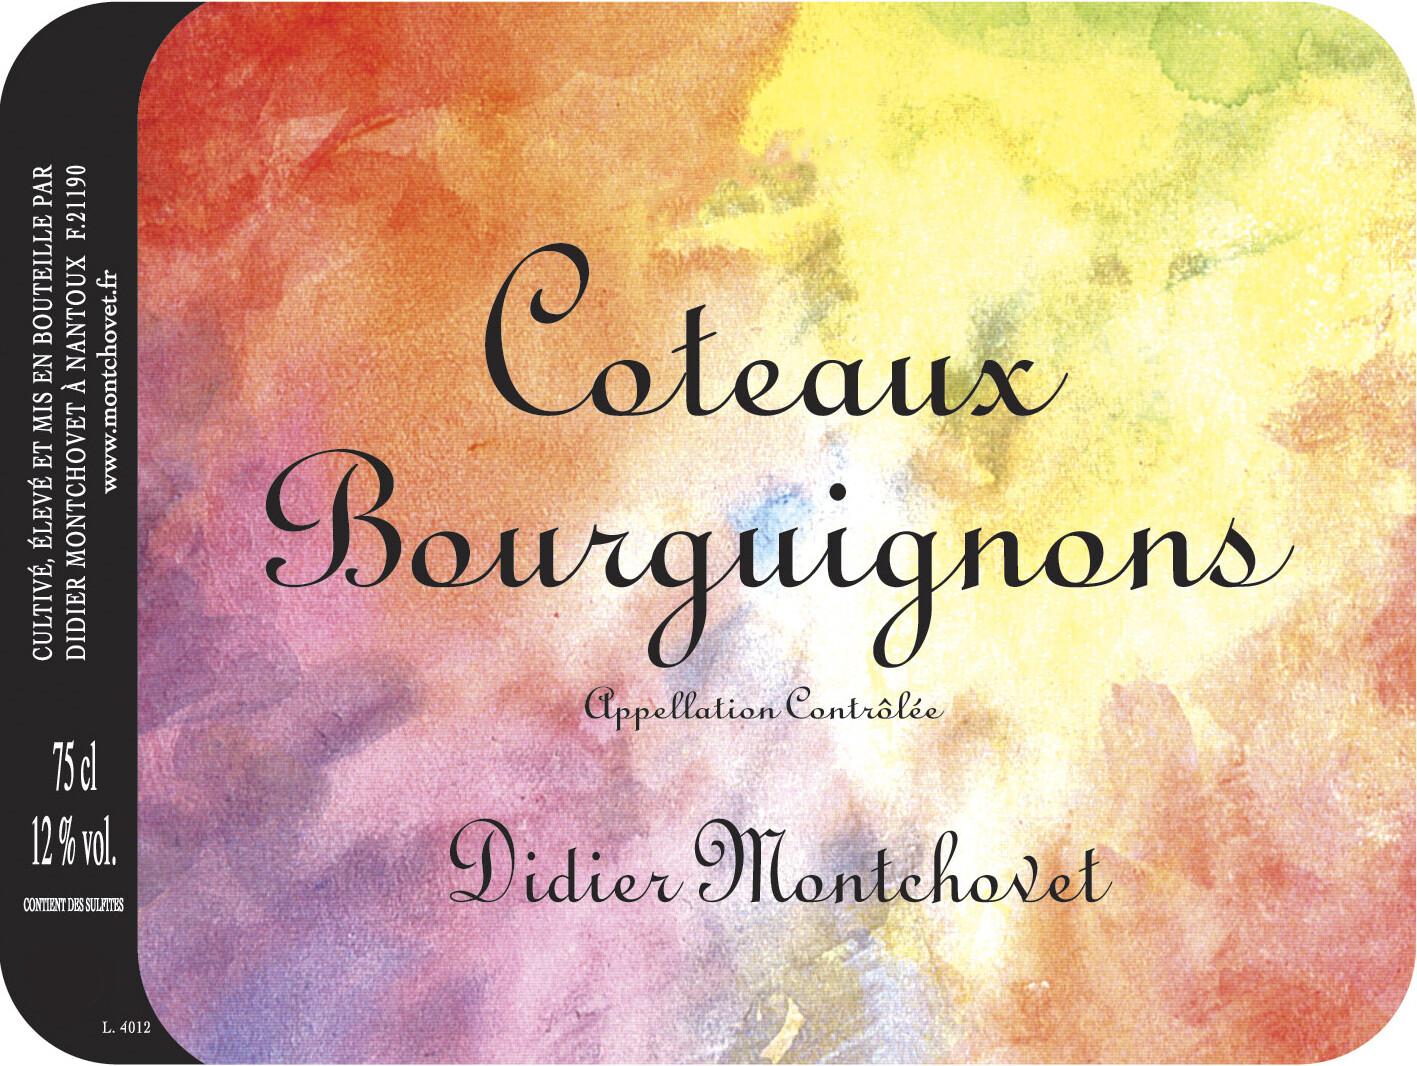 Didier Montchovet Coteaux Bourgignons 2018